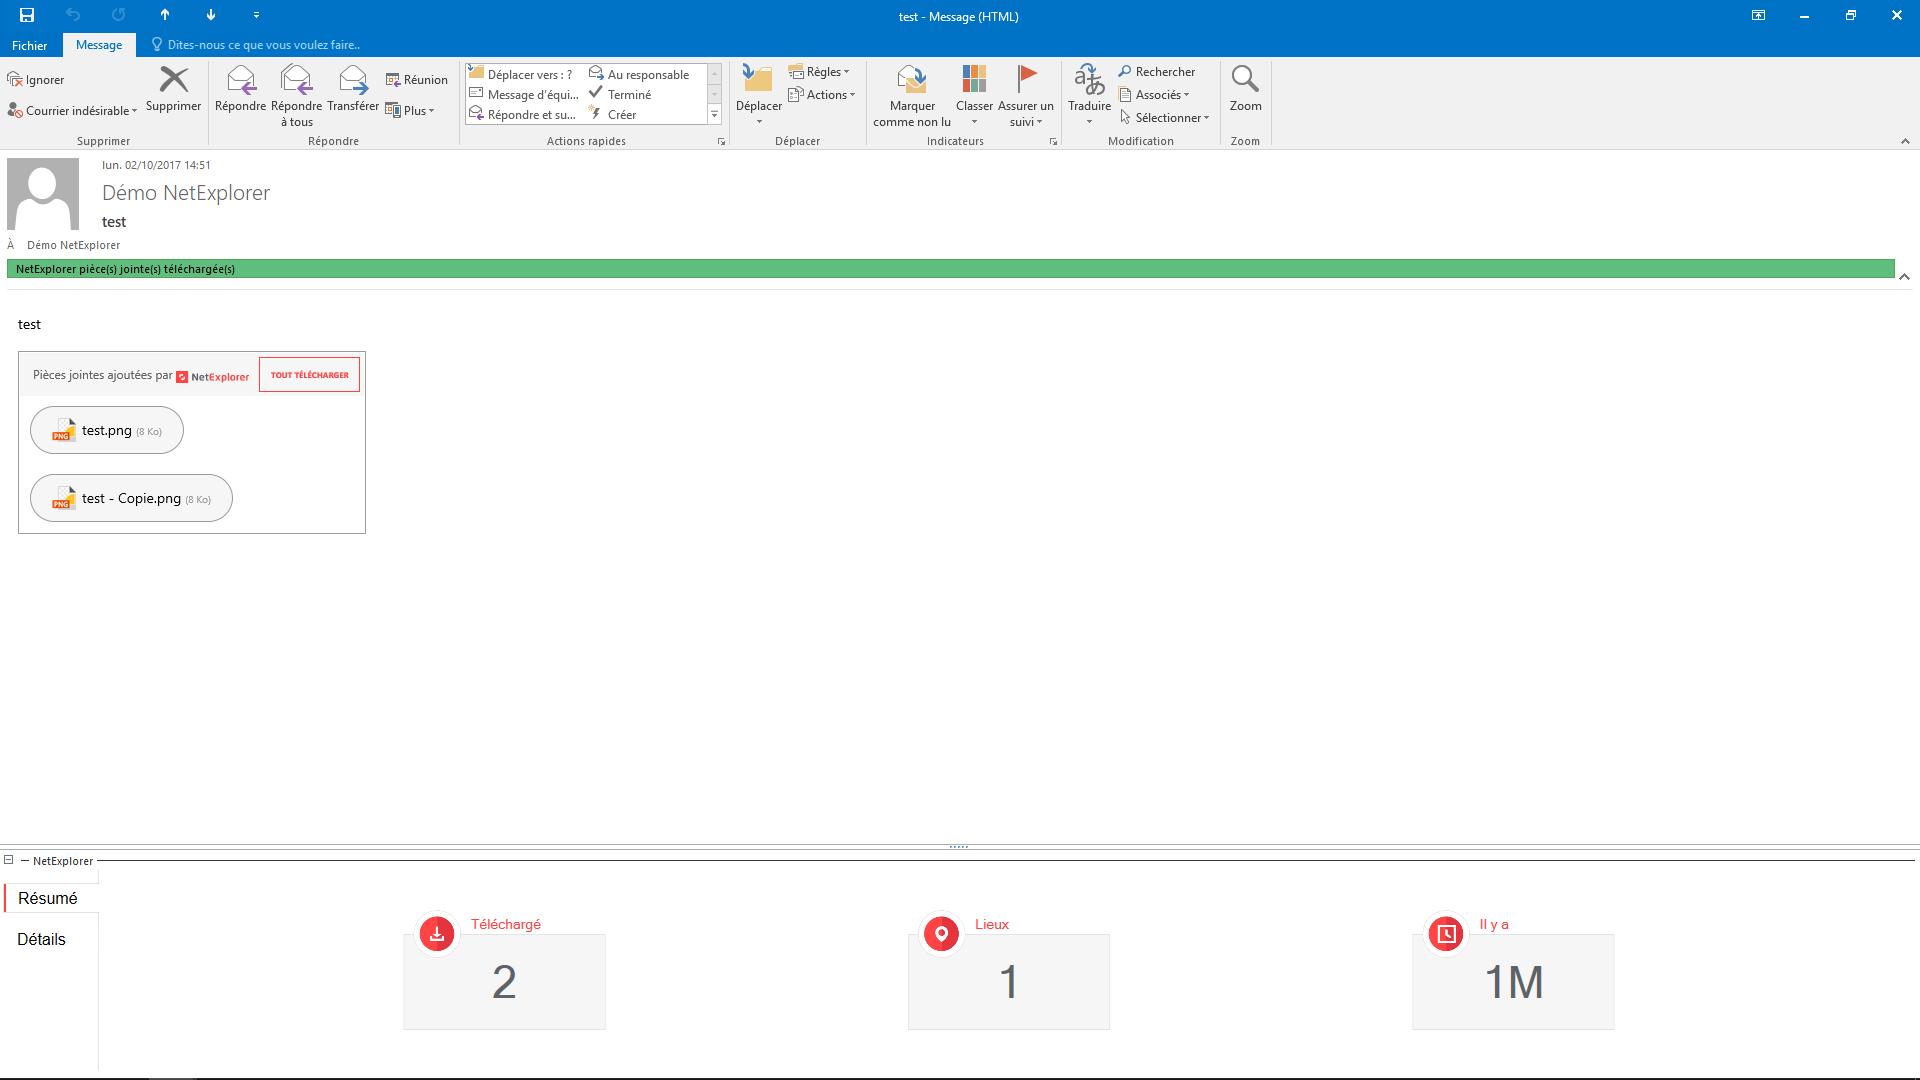 Ce plugin s'installe directement sur votre messagerie Outlook. NetExplorer Drive vous permet d'envoyer des pièces jointes sans limite de taille. Bénéficiez également d'une traçabilité totale de vos éléments envoyés.